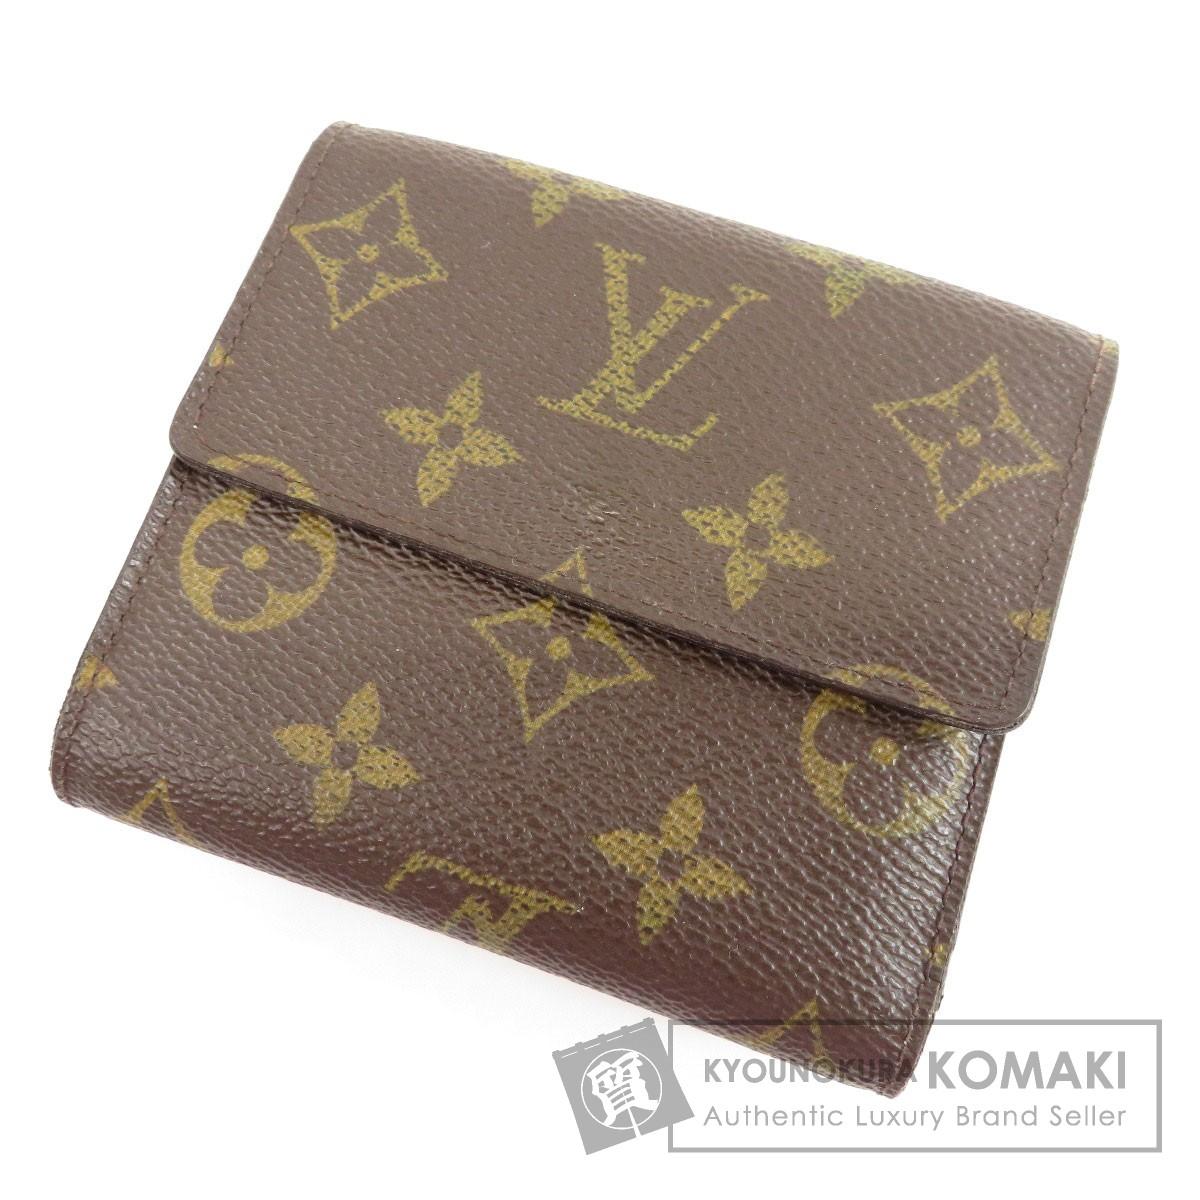 LOUIS VUITTON M60235 ポルトフォイユ・エリーズ  二つ折り財布(小銭入れあり) モノグラムキャンバス レディース 【中古】【ルイ・ヴィトン】